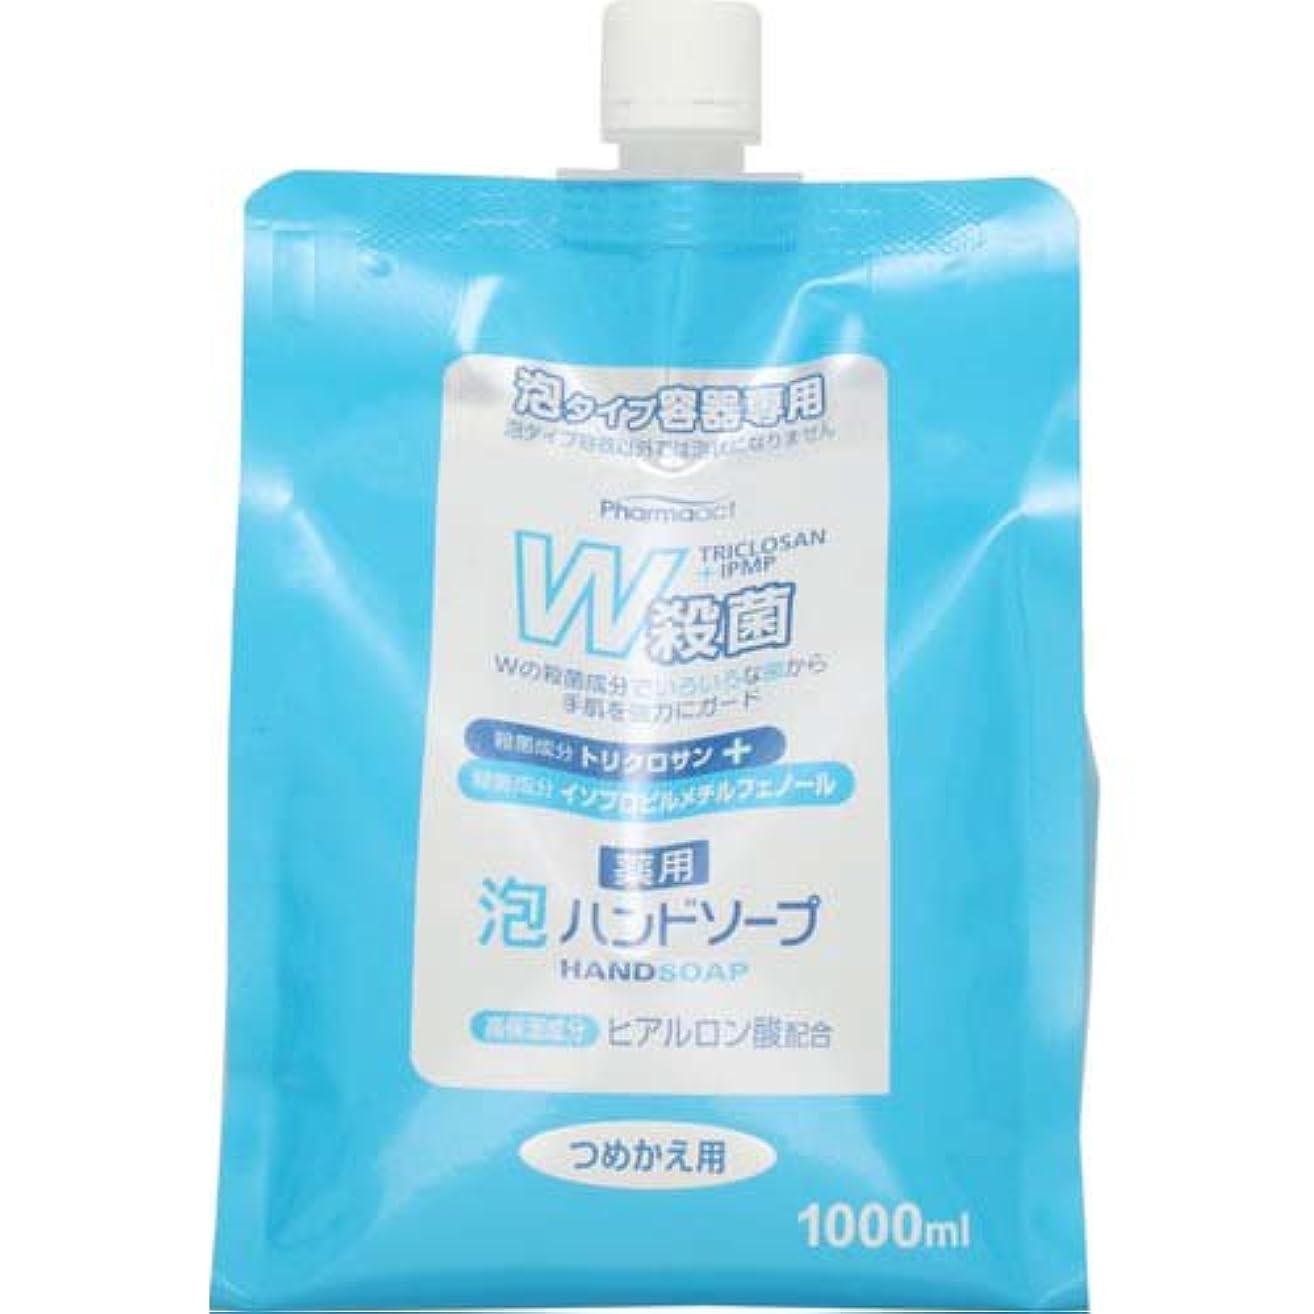 吹きさらし一部和らげるファーマアクト W殺菌薬用泡ハンドソープ スパウト付き詰替 1000ml